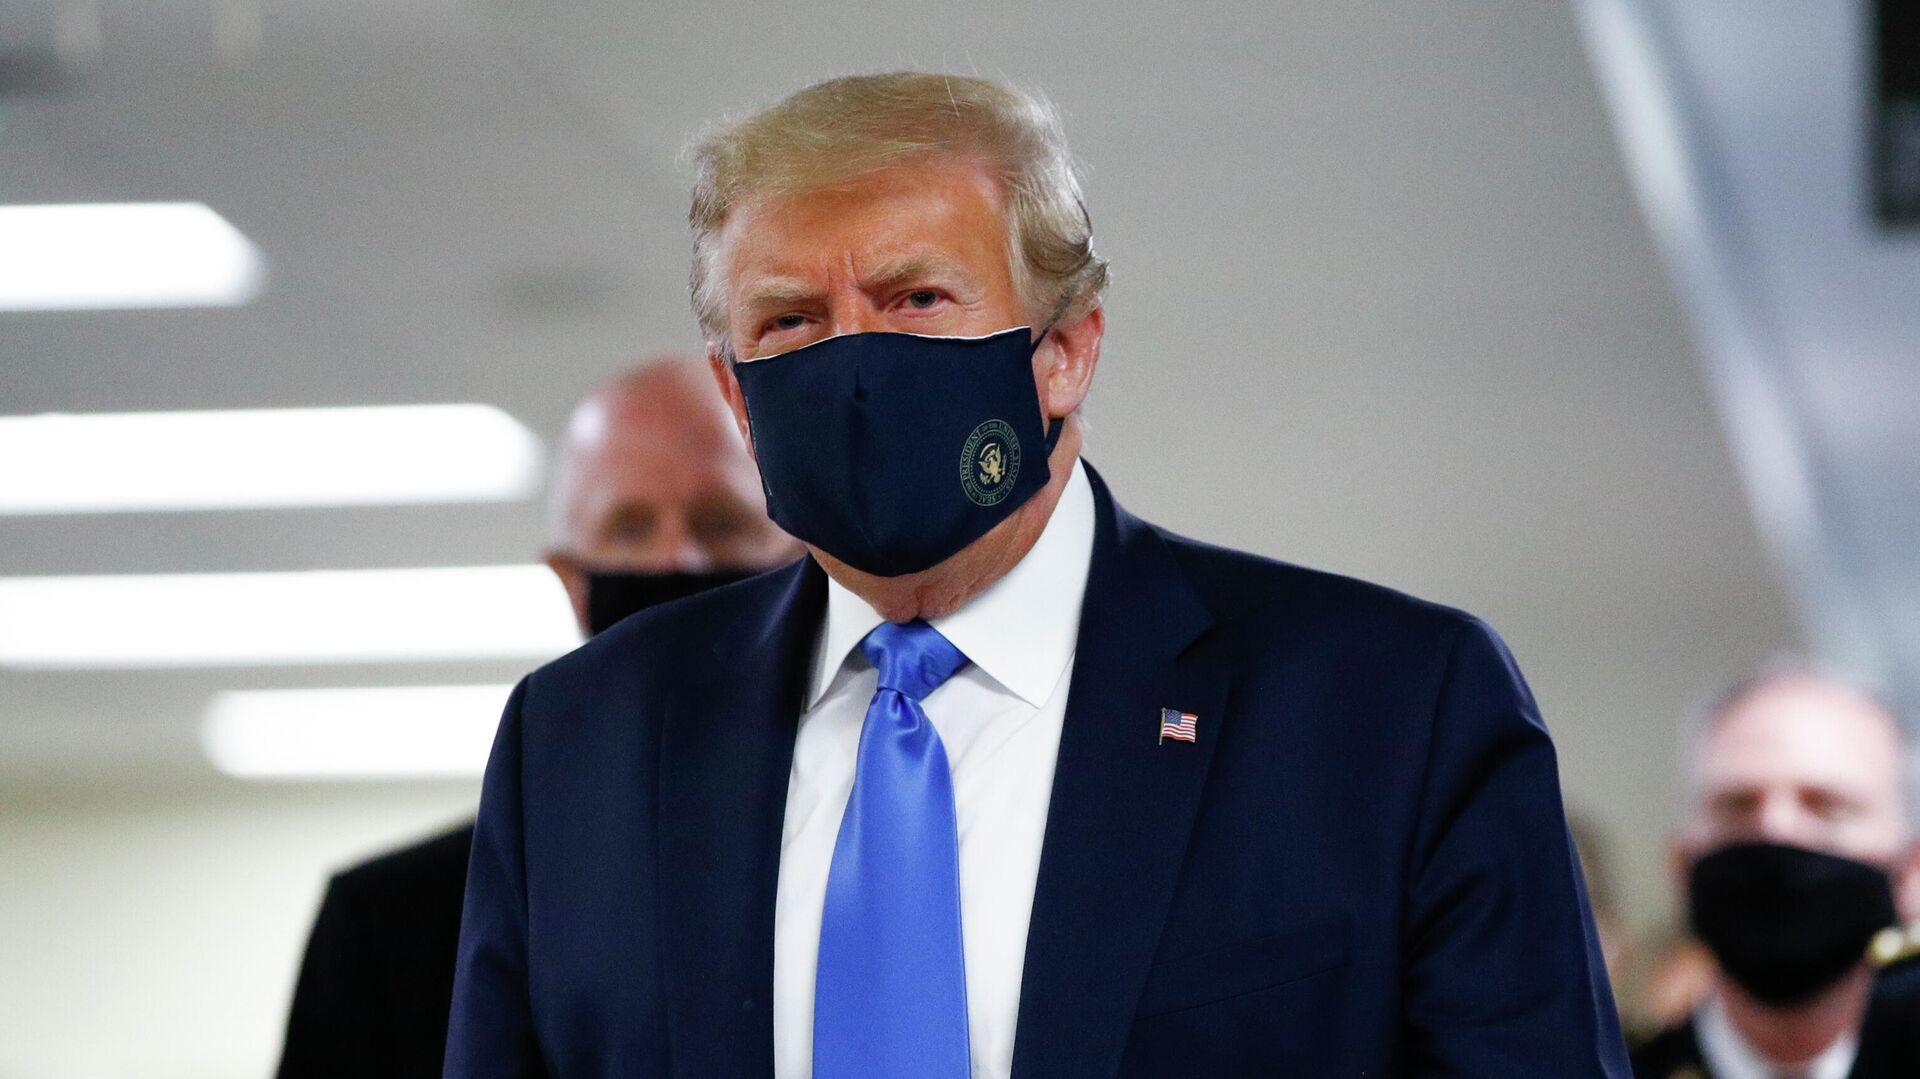 Дональд Трамп в медицинской маске - РИА Новости, 1920, 17.07.2020